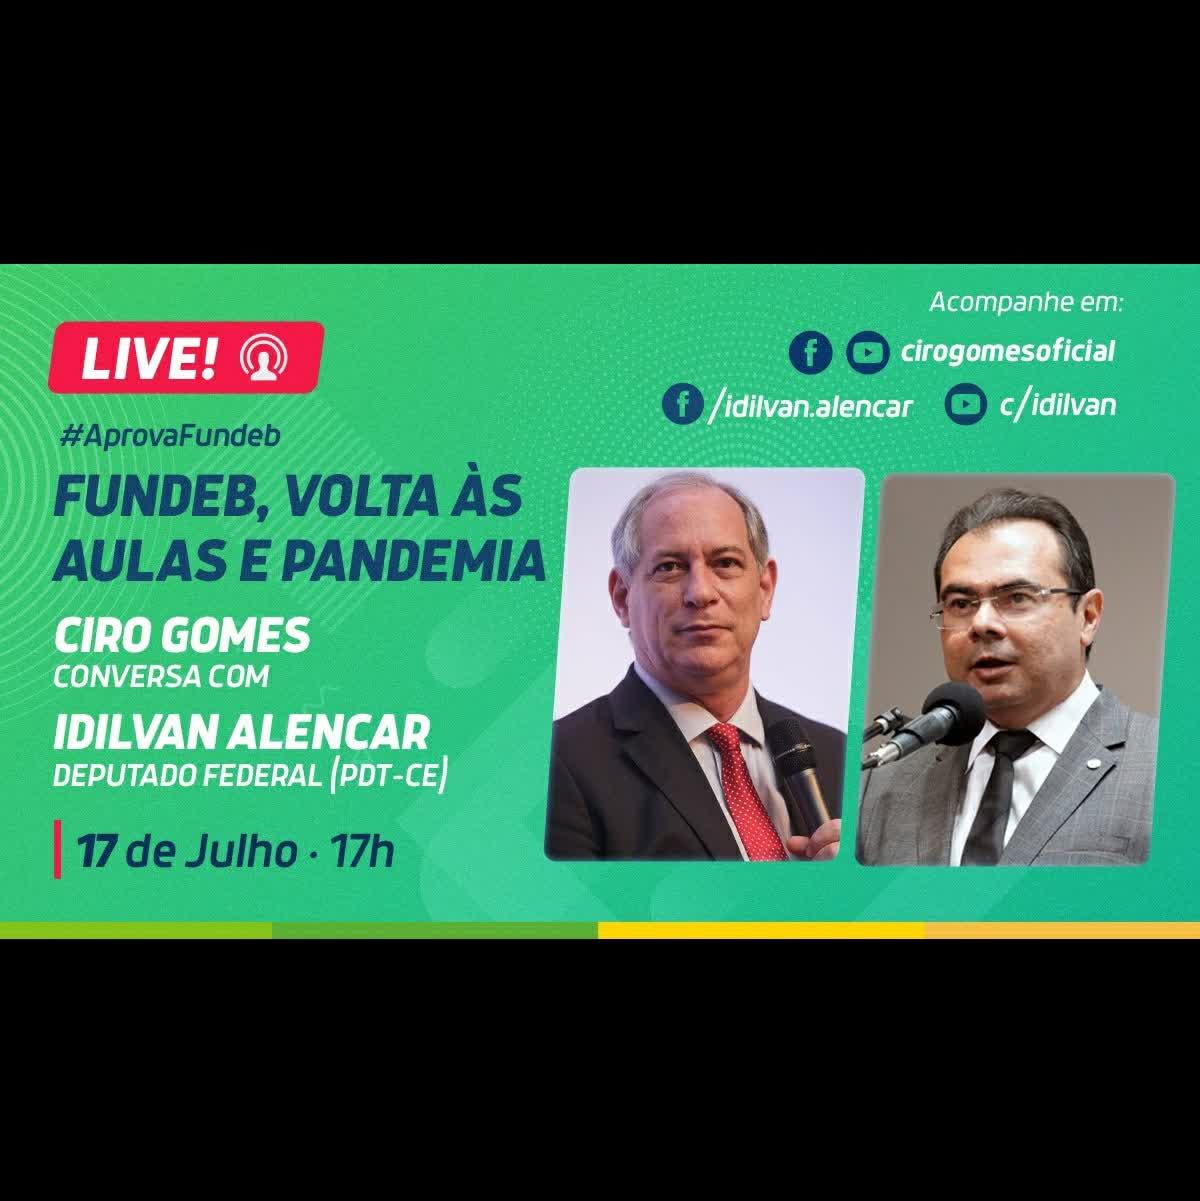 17/07/2020   Fundeb, Volta às aulas e pandemia. Ciro Gomes conversa com o Deputado Federal Idilvan Alencar